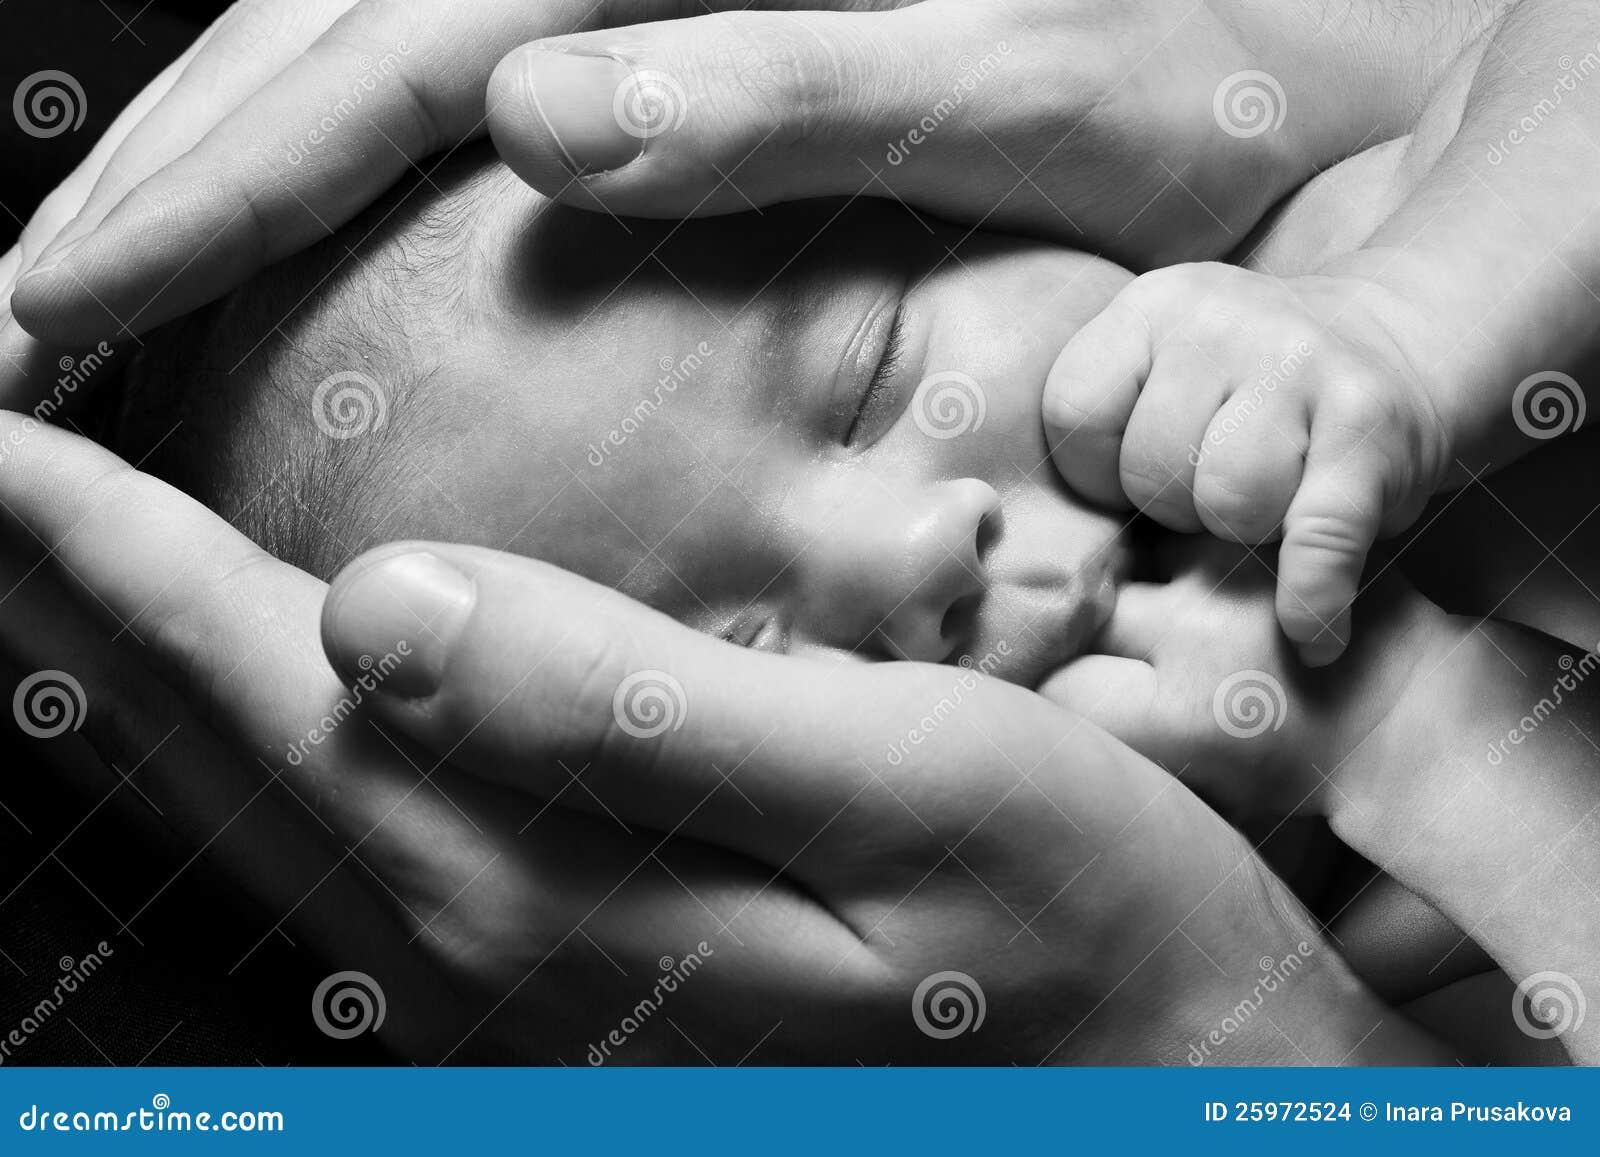 W rodzic ręki dziecka nowonarodzony dosypianie. Pojęcie.